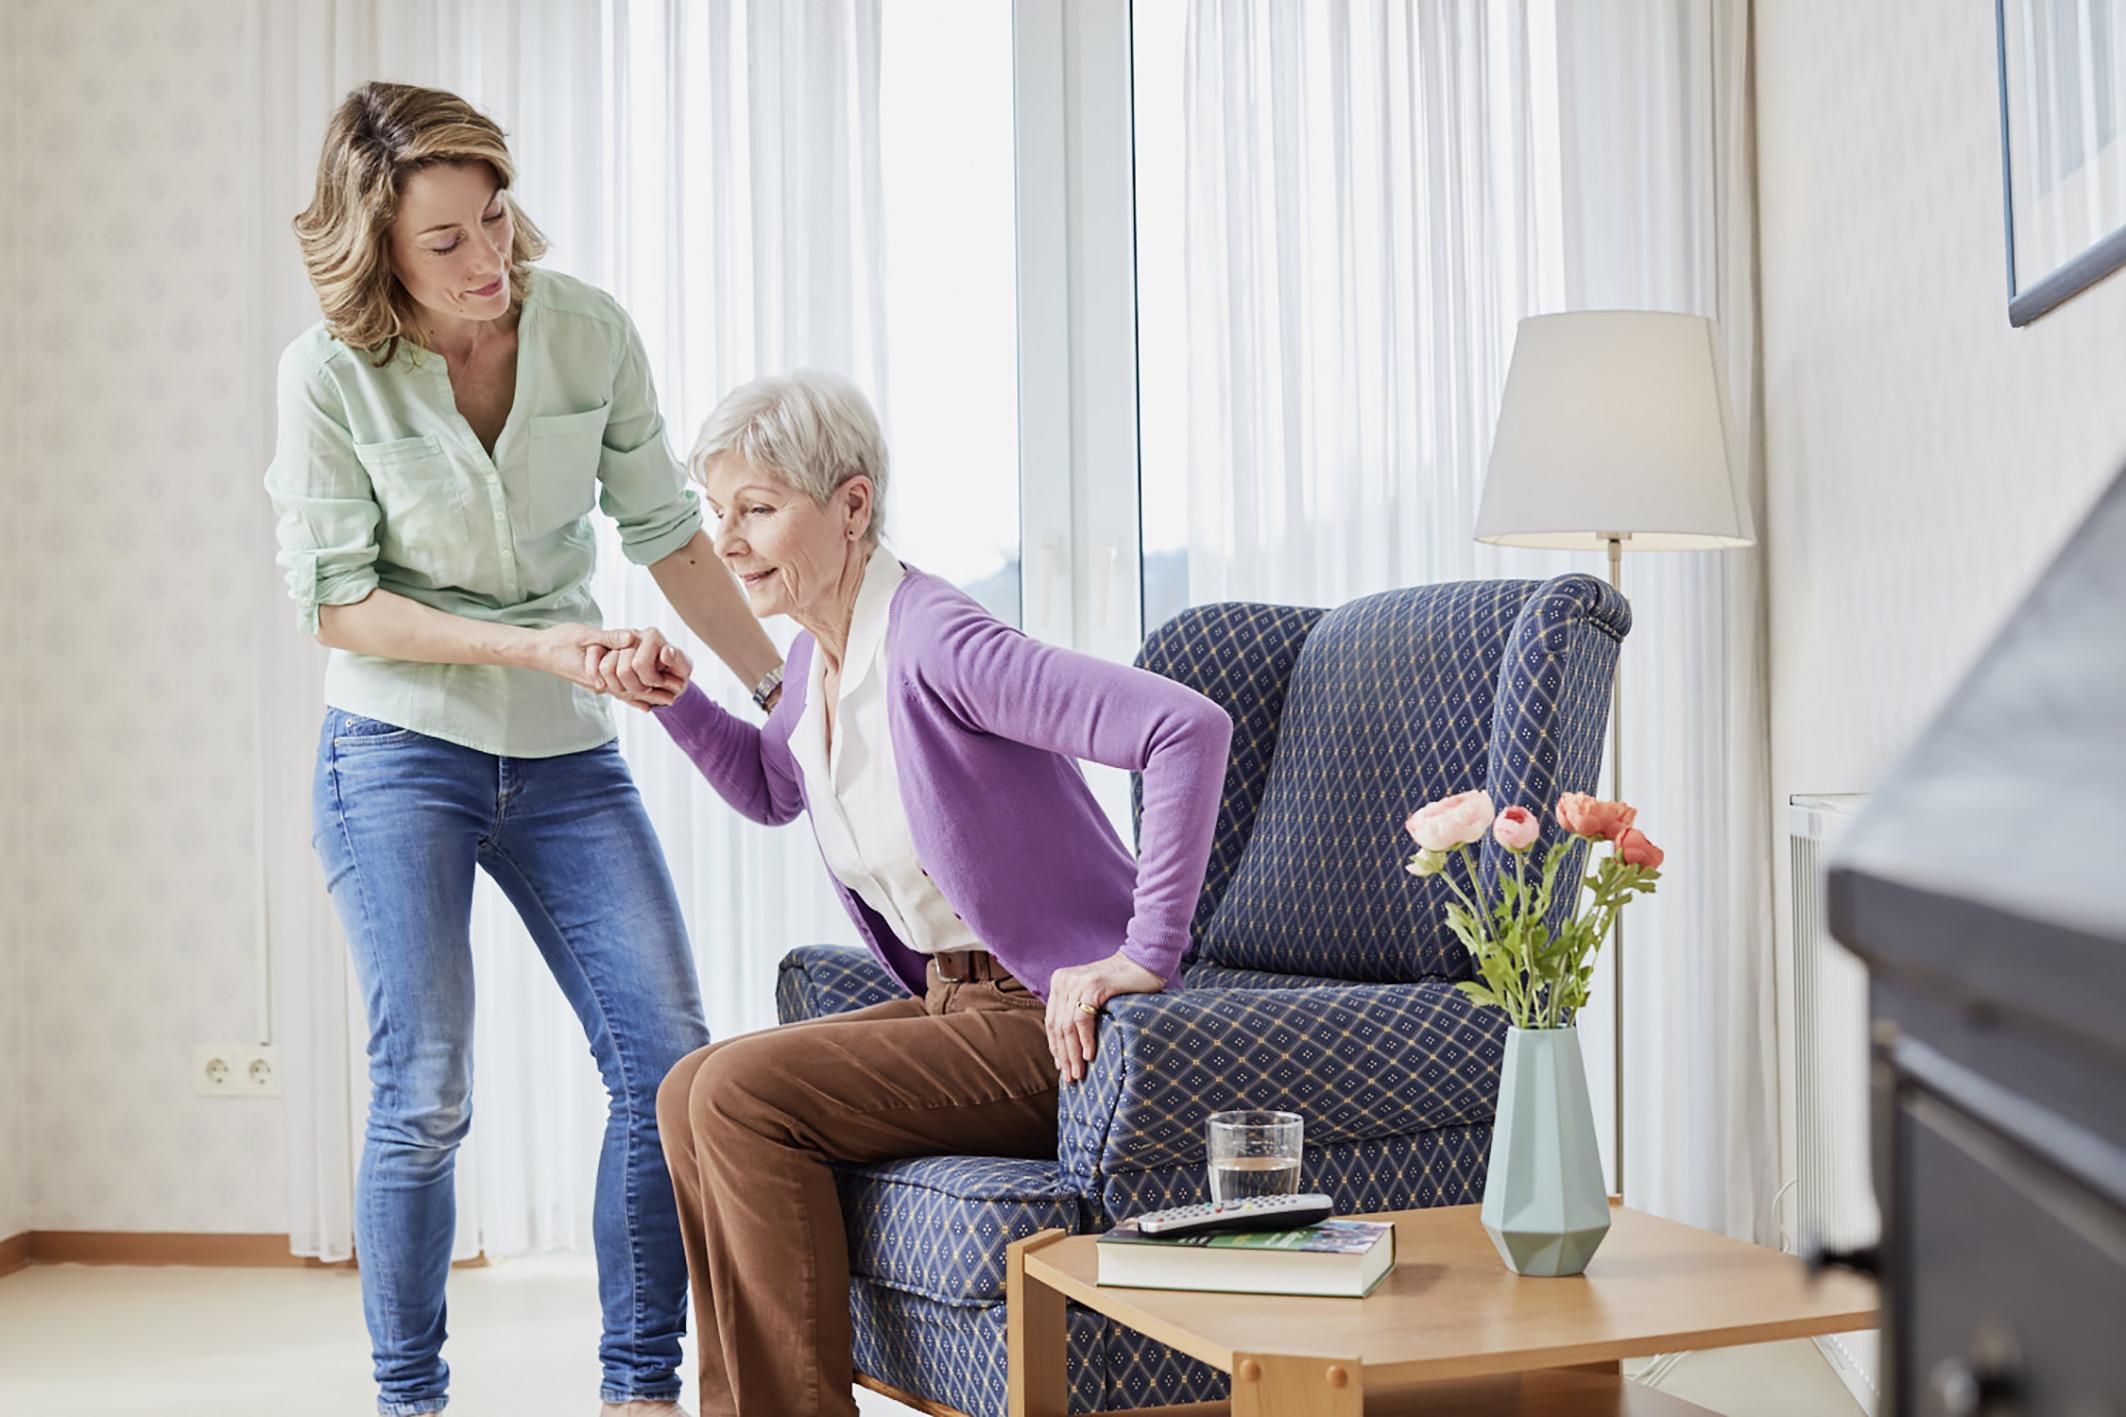 Pflegebedürftigkeit: Eine Frau hilft einer älteren Dame aufzustehen